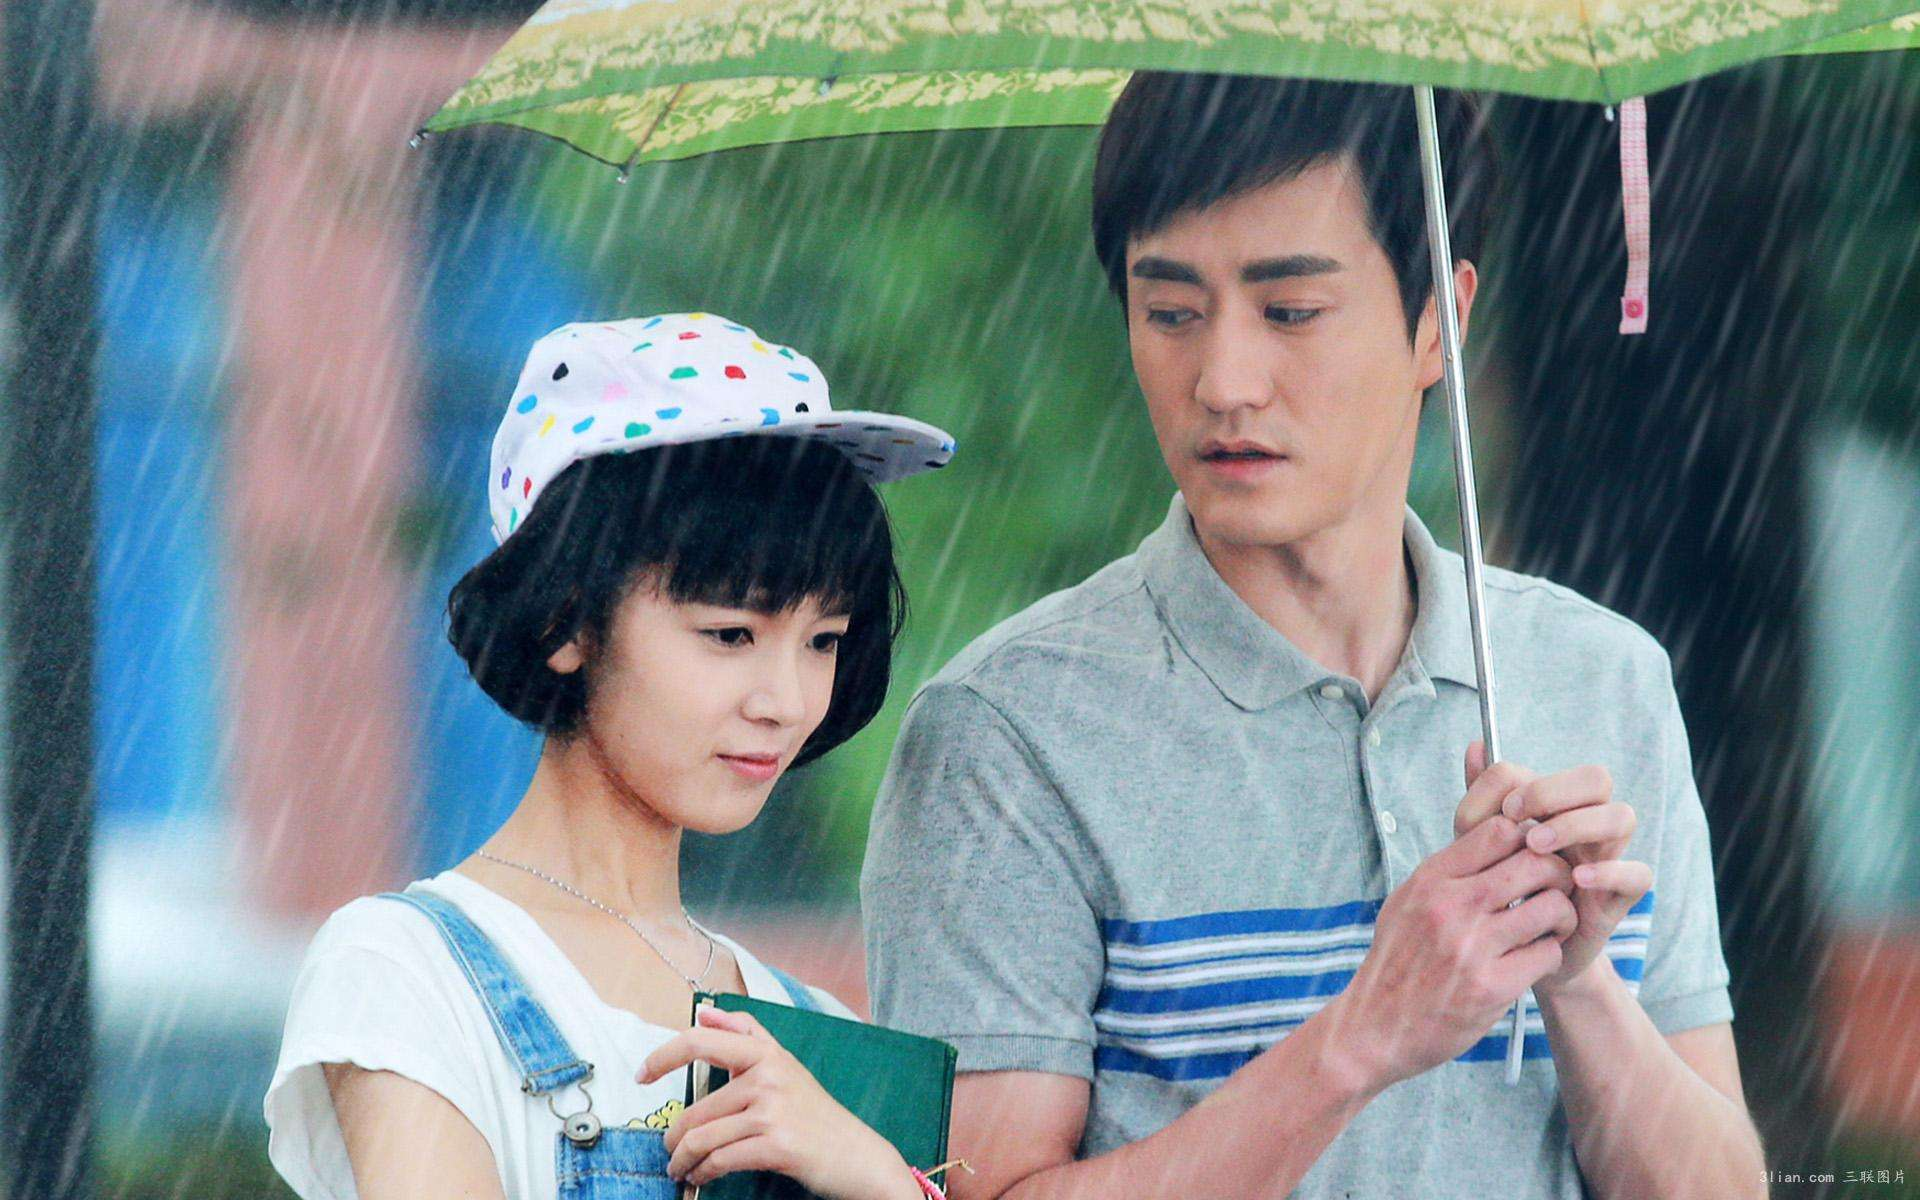 小说郑微最后和谁在一起了结局如何 致青春郑微爱林静还是陈孝正